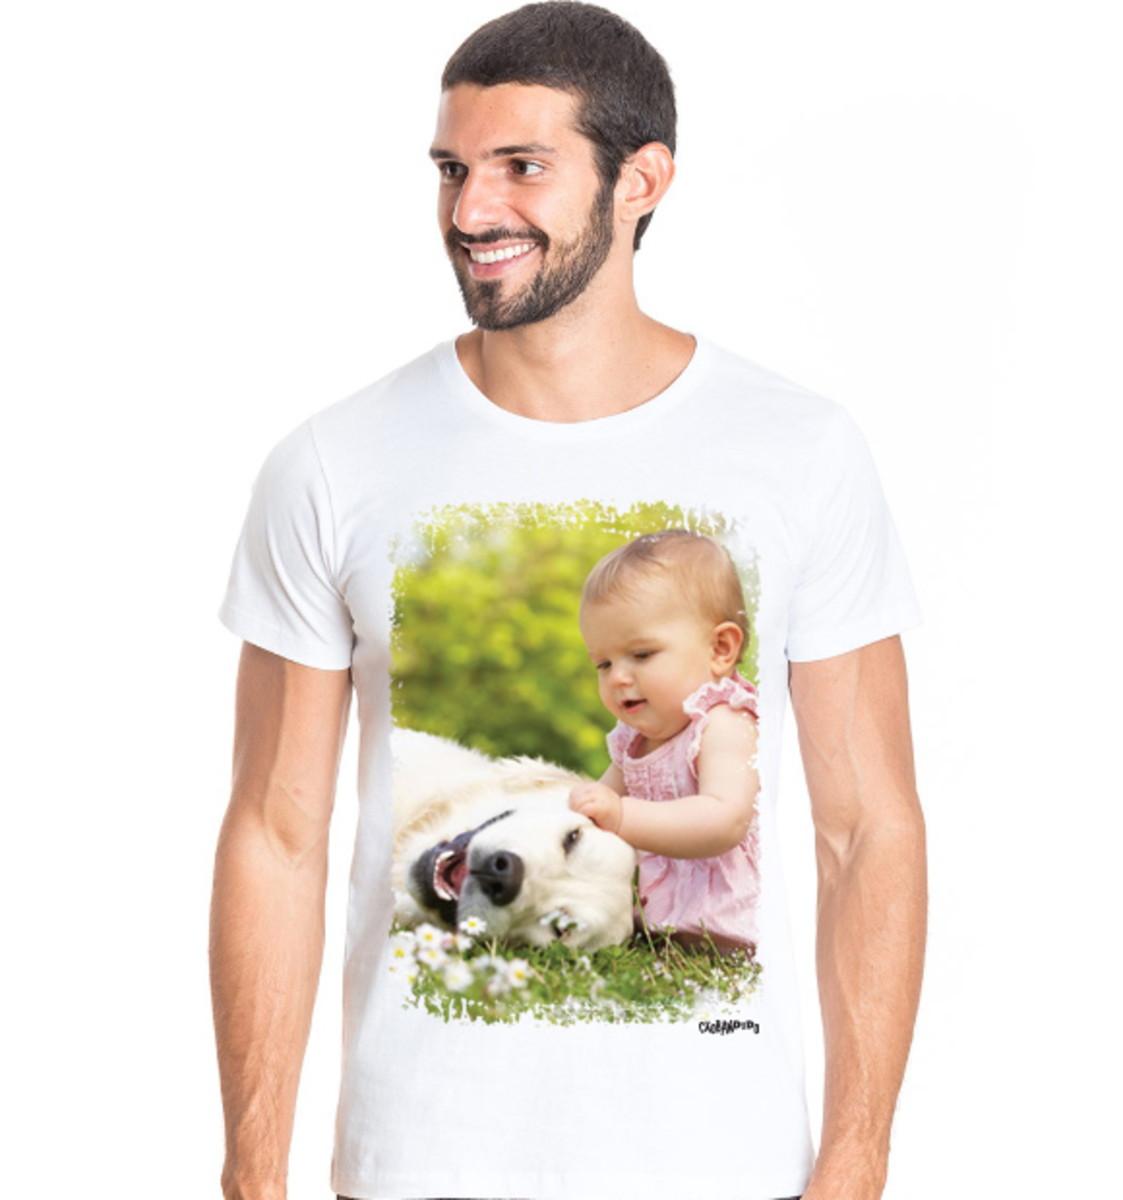 94bc7afa2 Camiseta Personalizada com Foto do seu Cachorro no Elo7